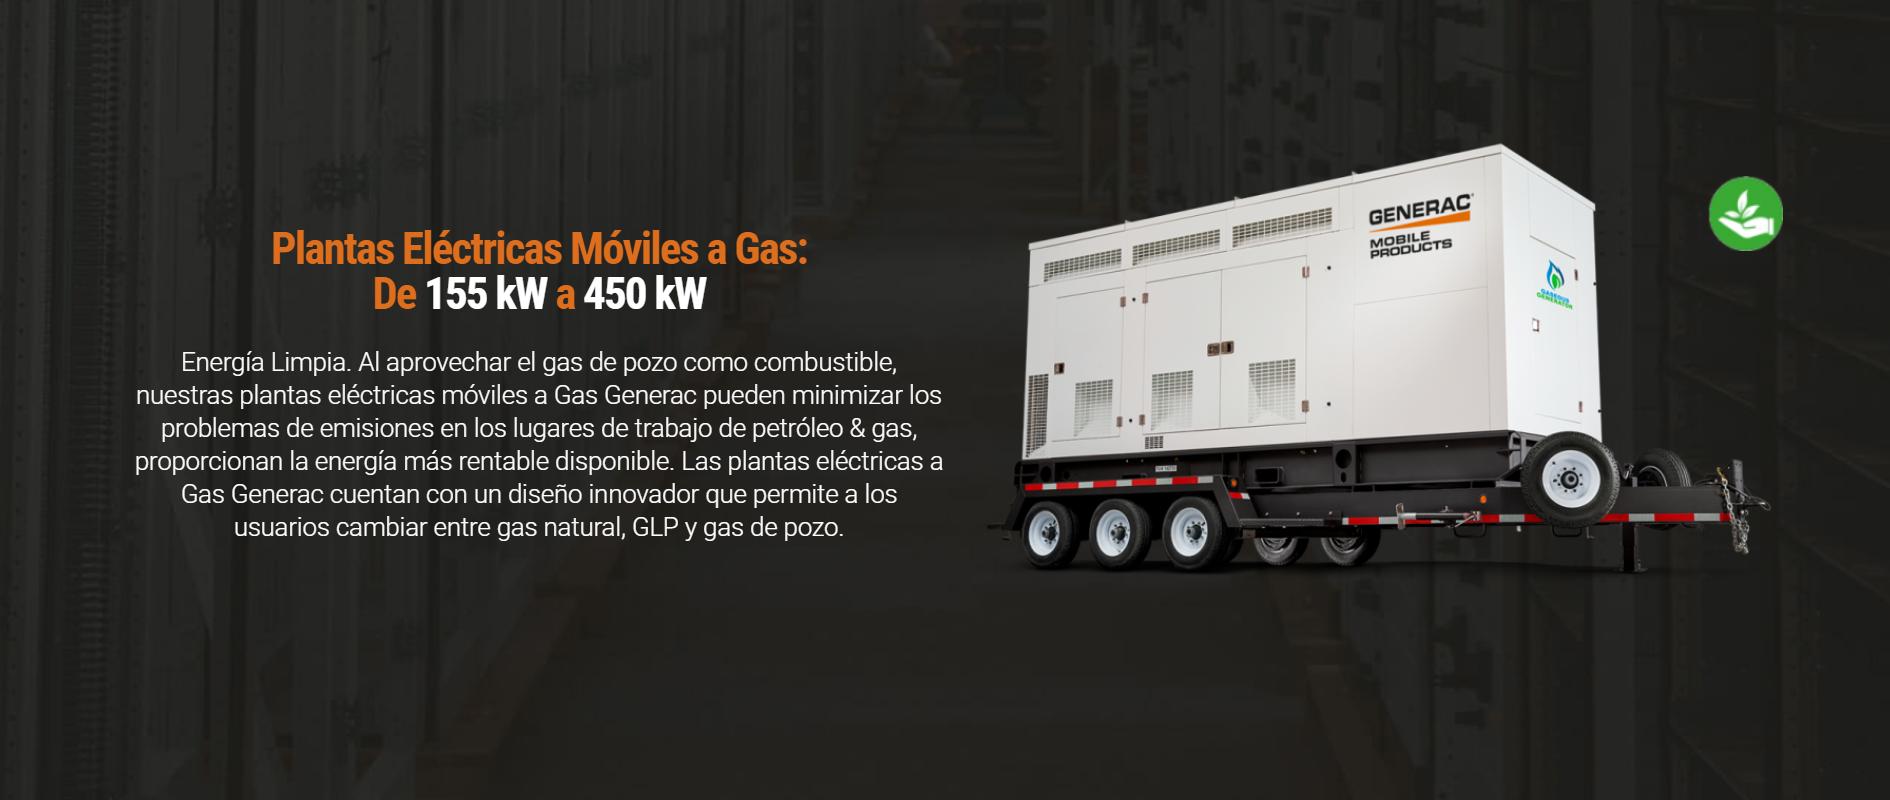 Plantas Eléctricas Móviles a Gas De 155 kW a 450 kW